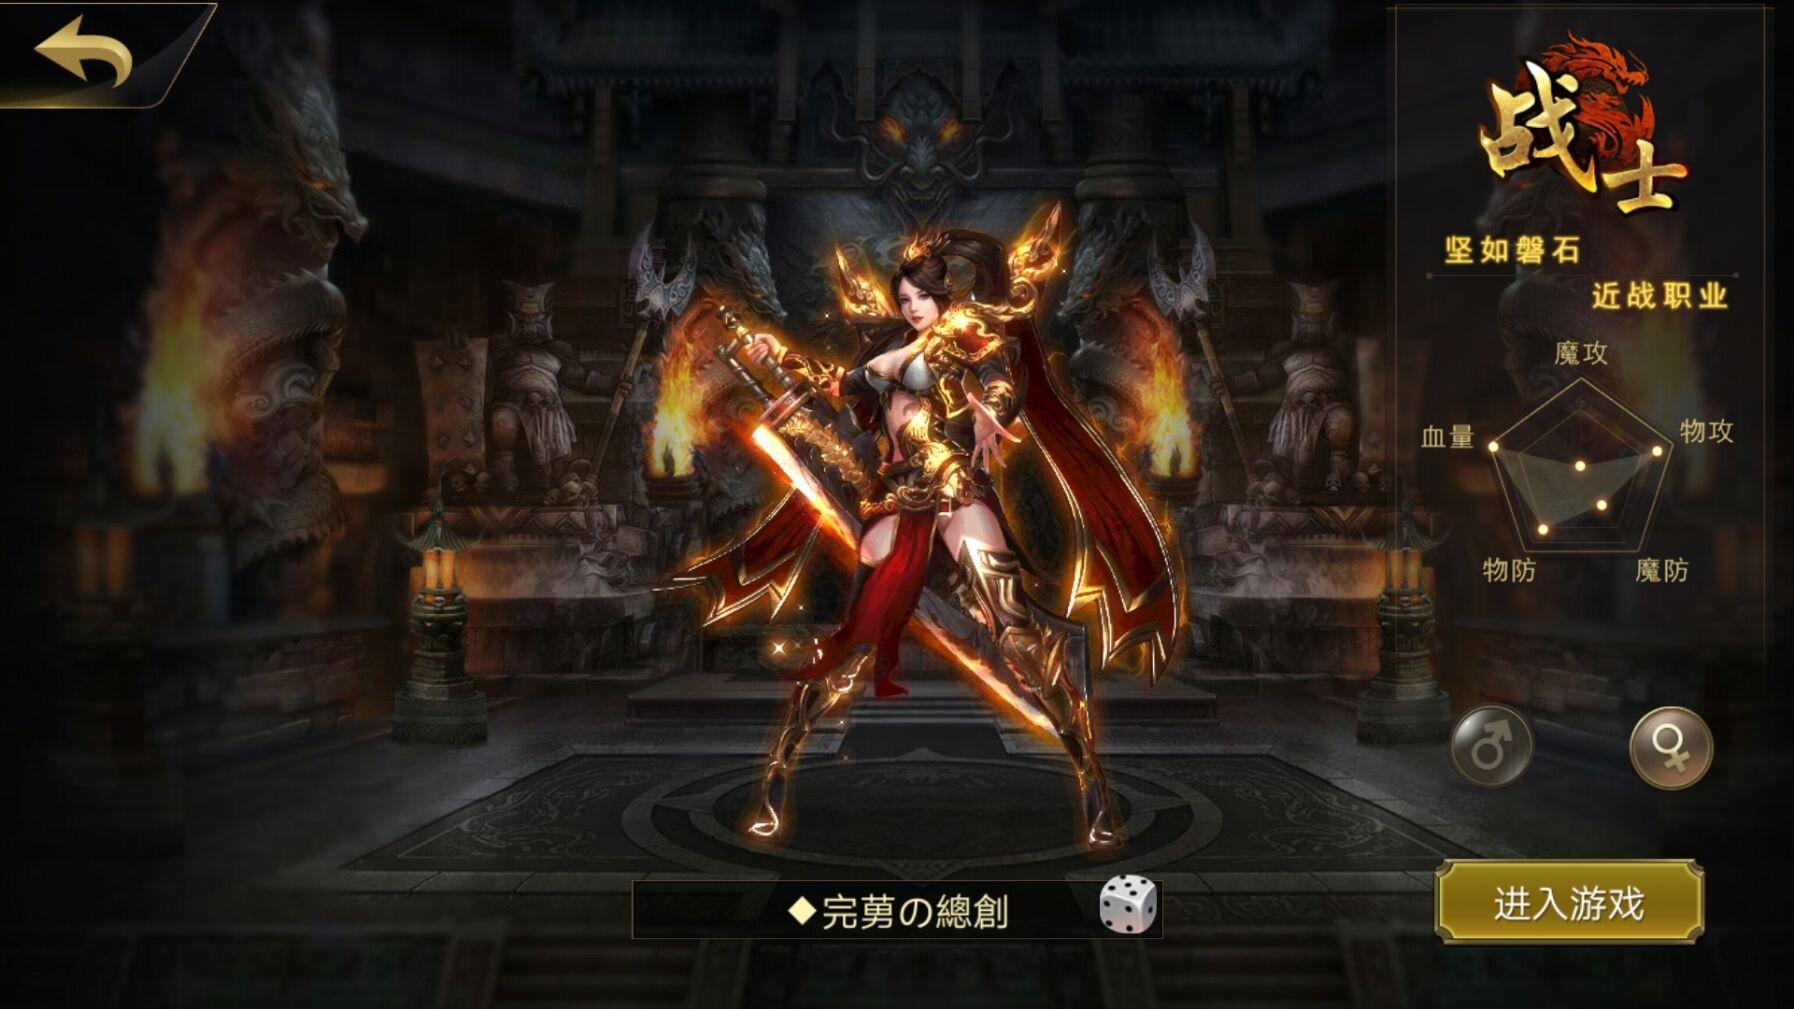 龙皇传说官方手游安卓版 v1.0截图